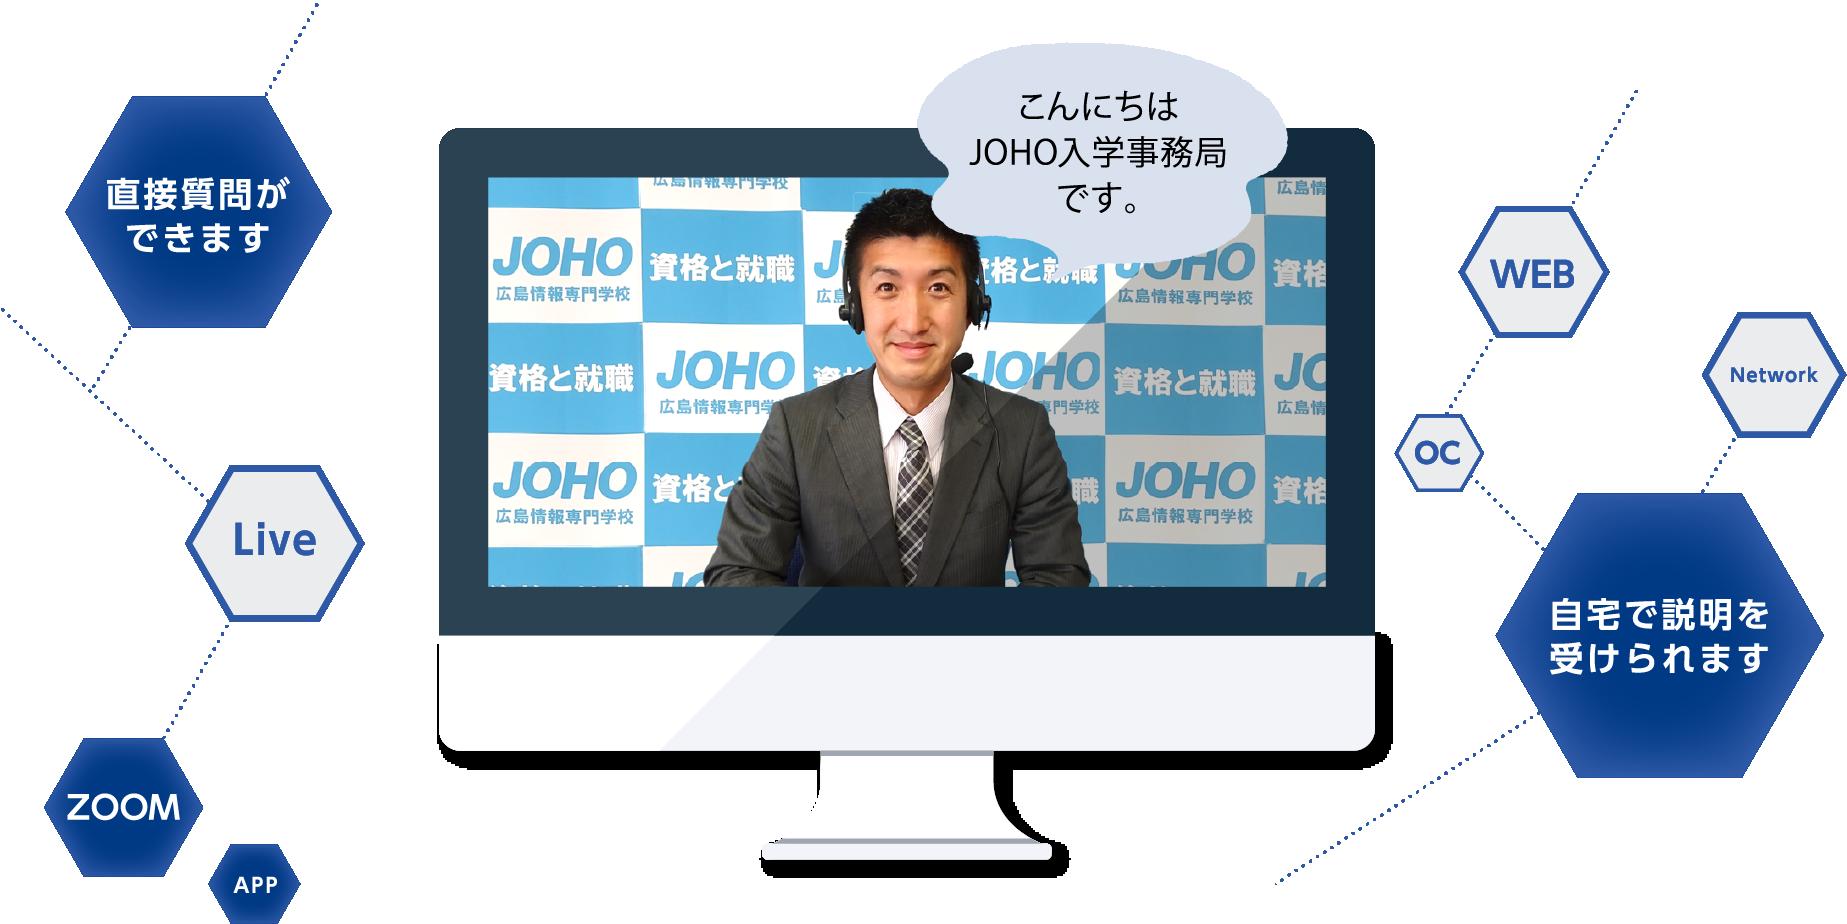 こんにちはJOHO入学事務局です。